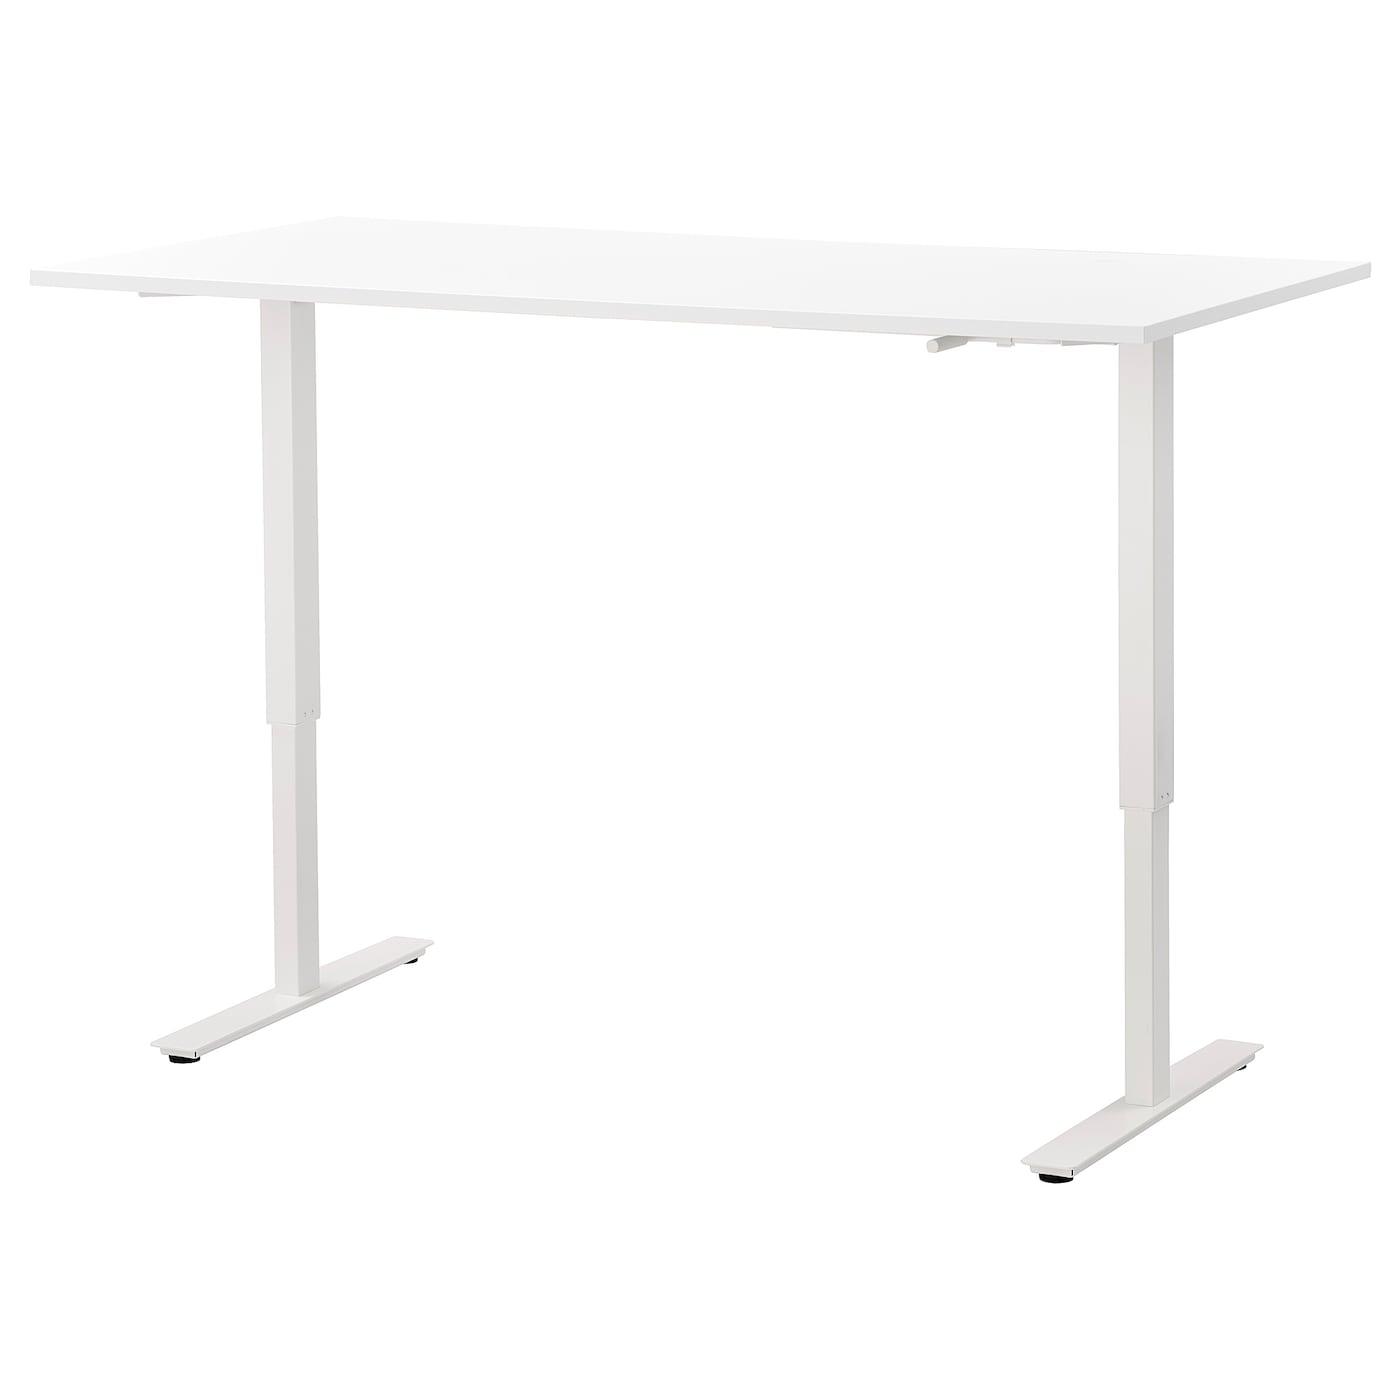 Skarsta Desk Sit Stand White 160x80